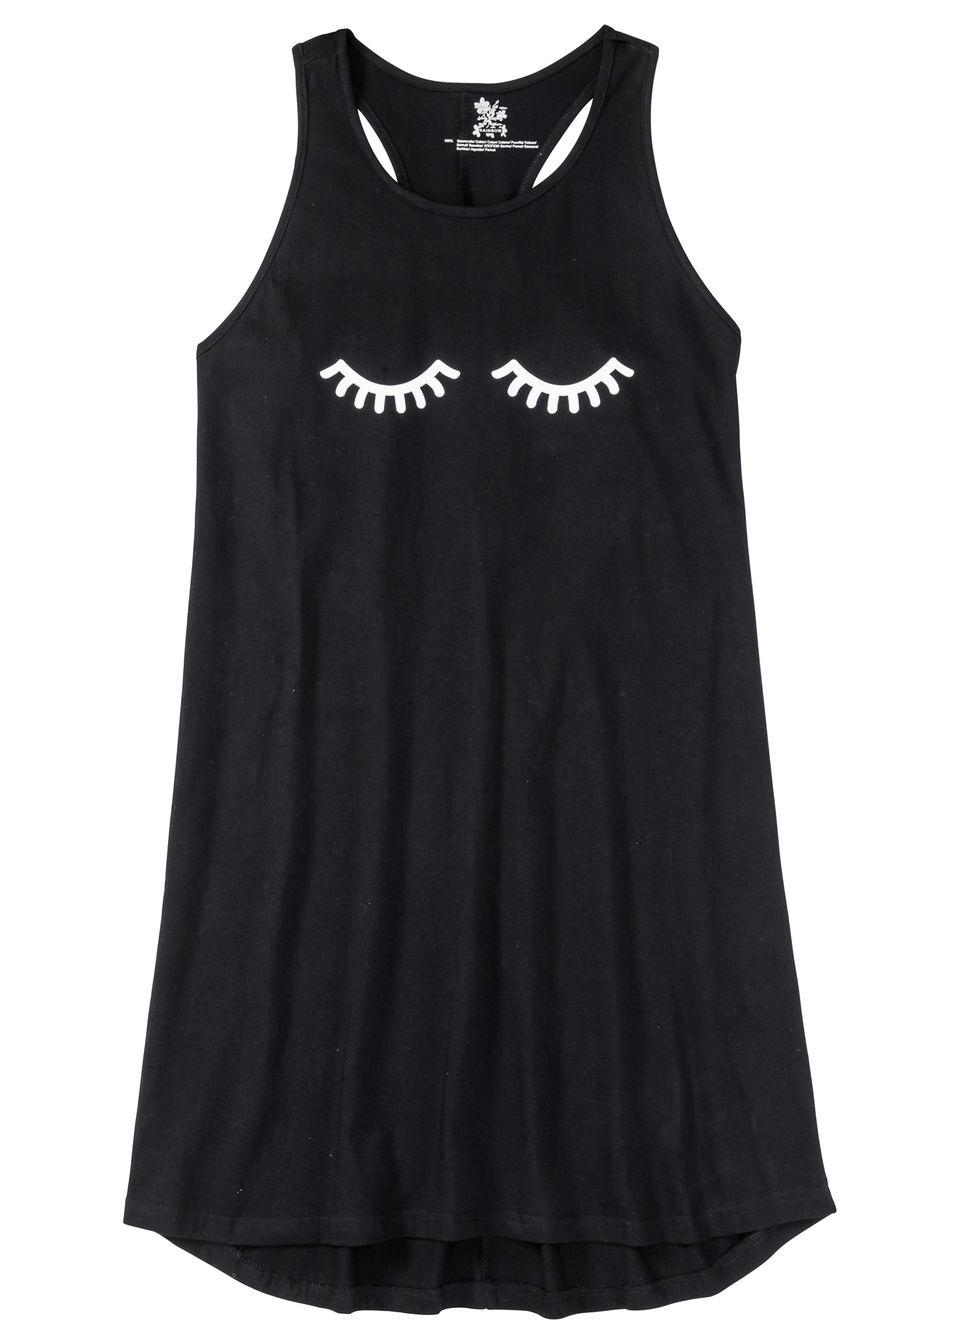 Купить Ночная рубашка со спортивной спинкой, bonprix, черный